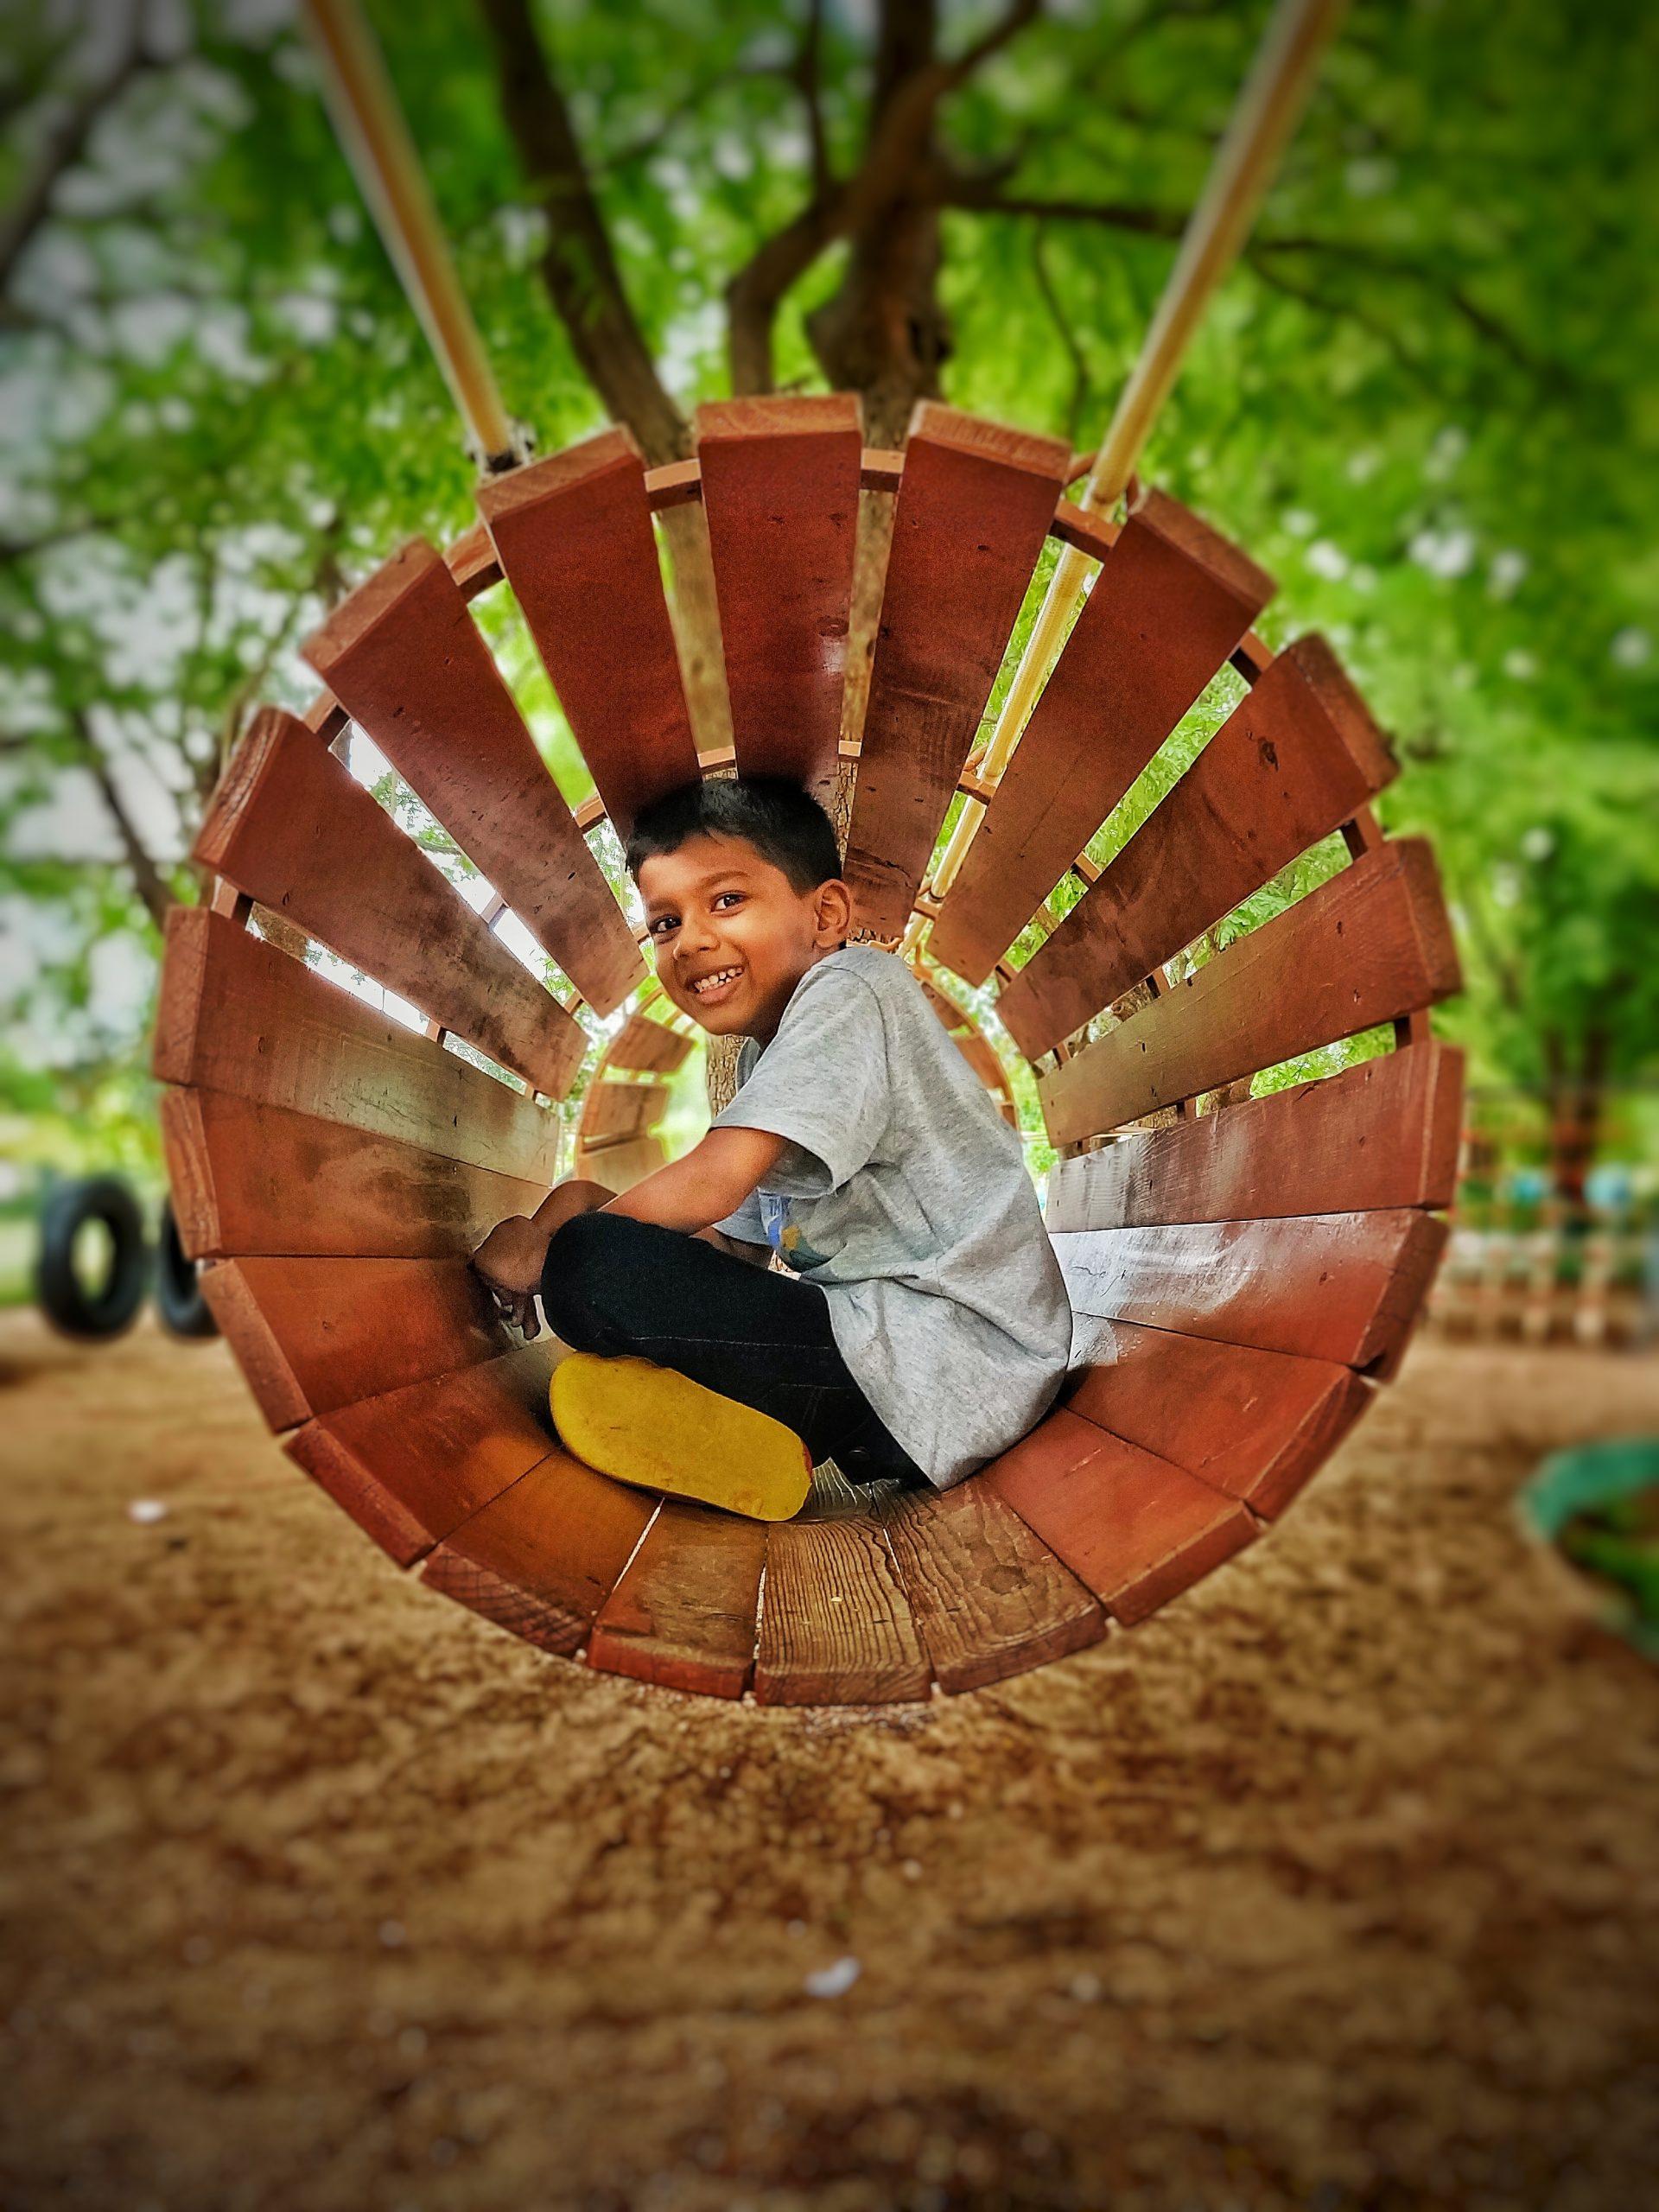 Little boy in a sphere